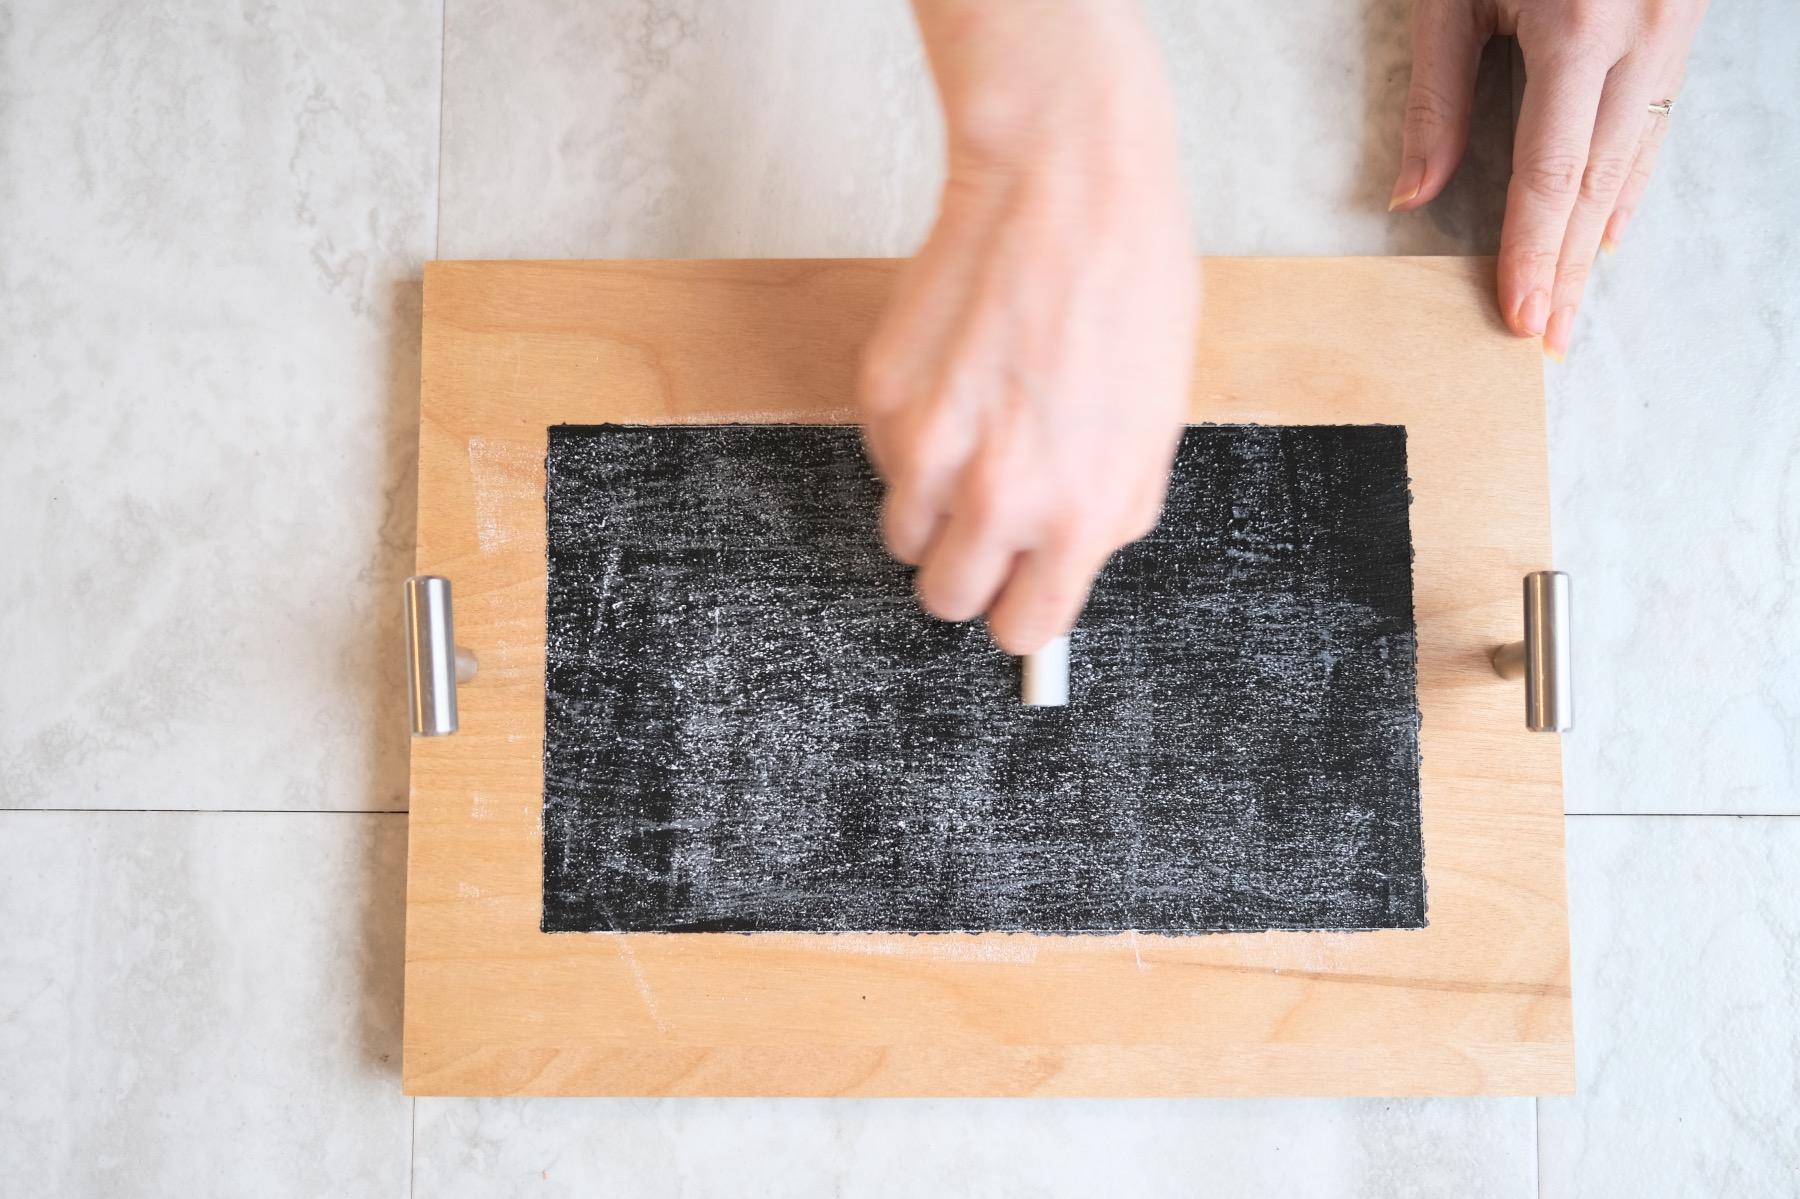 rub the chalk across the entire chalkboard to season it